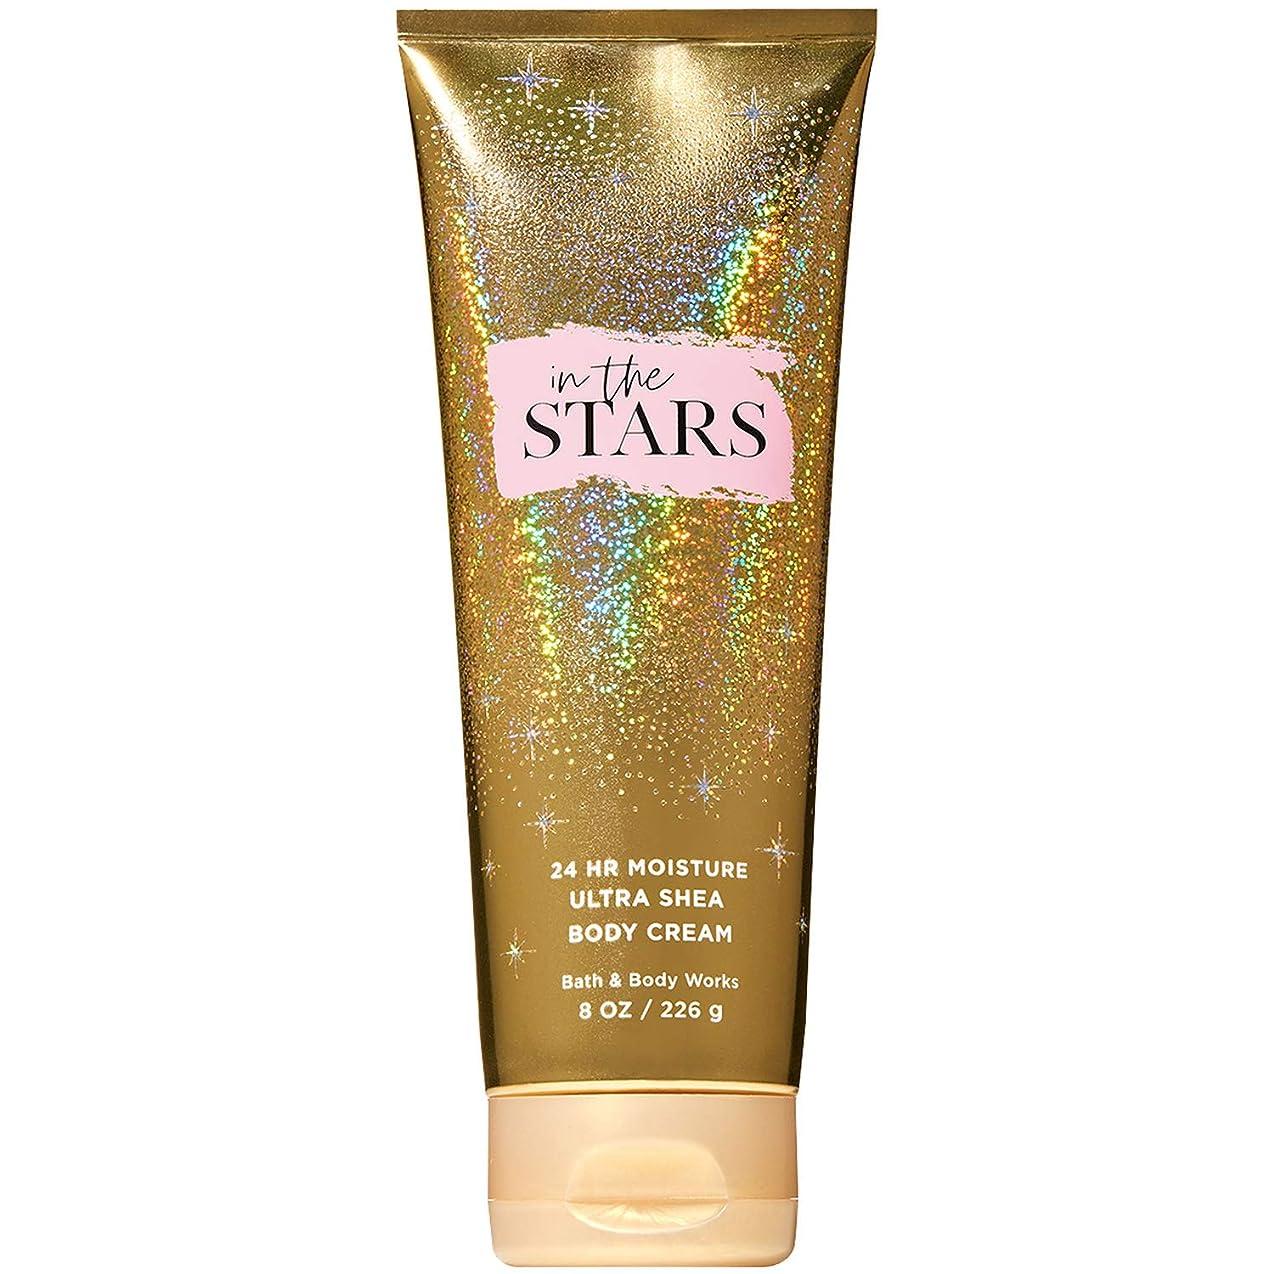 反乱印象くそーバス&ボディワークス イン ザ スター ボディクリーム In the Stars Body Cream